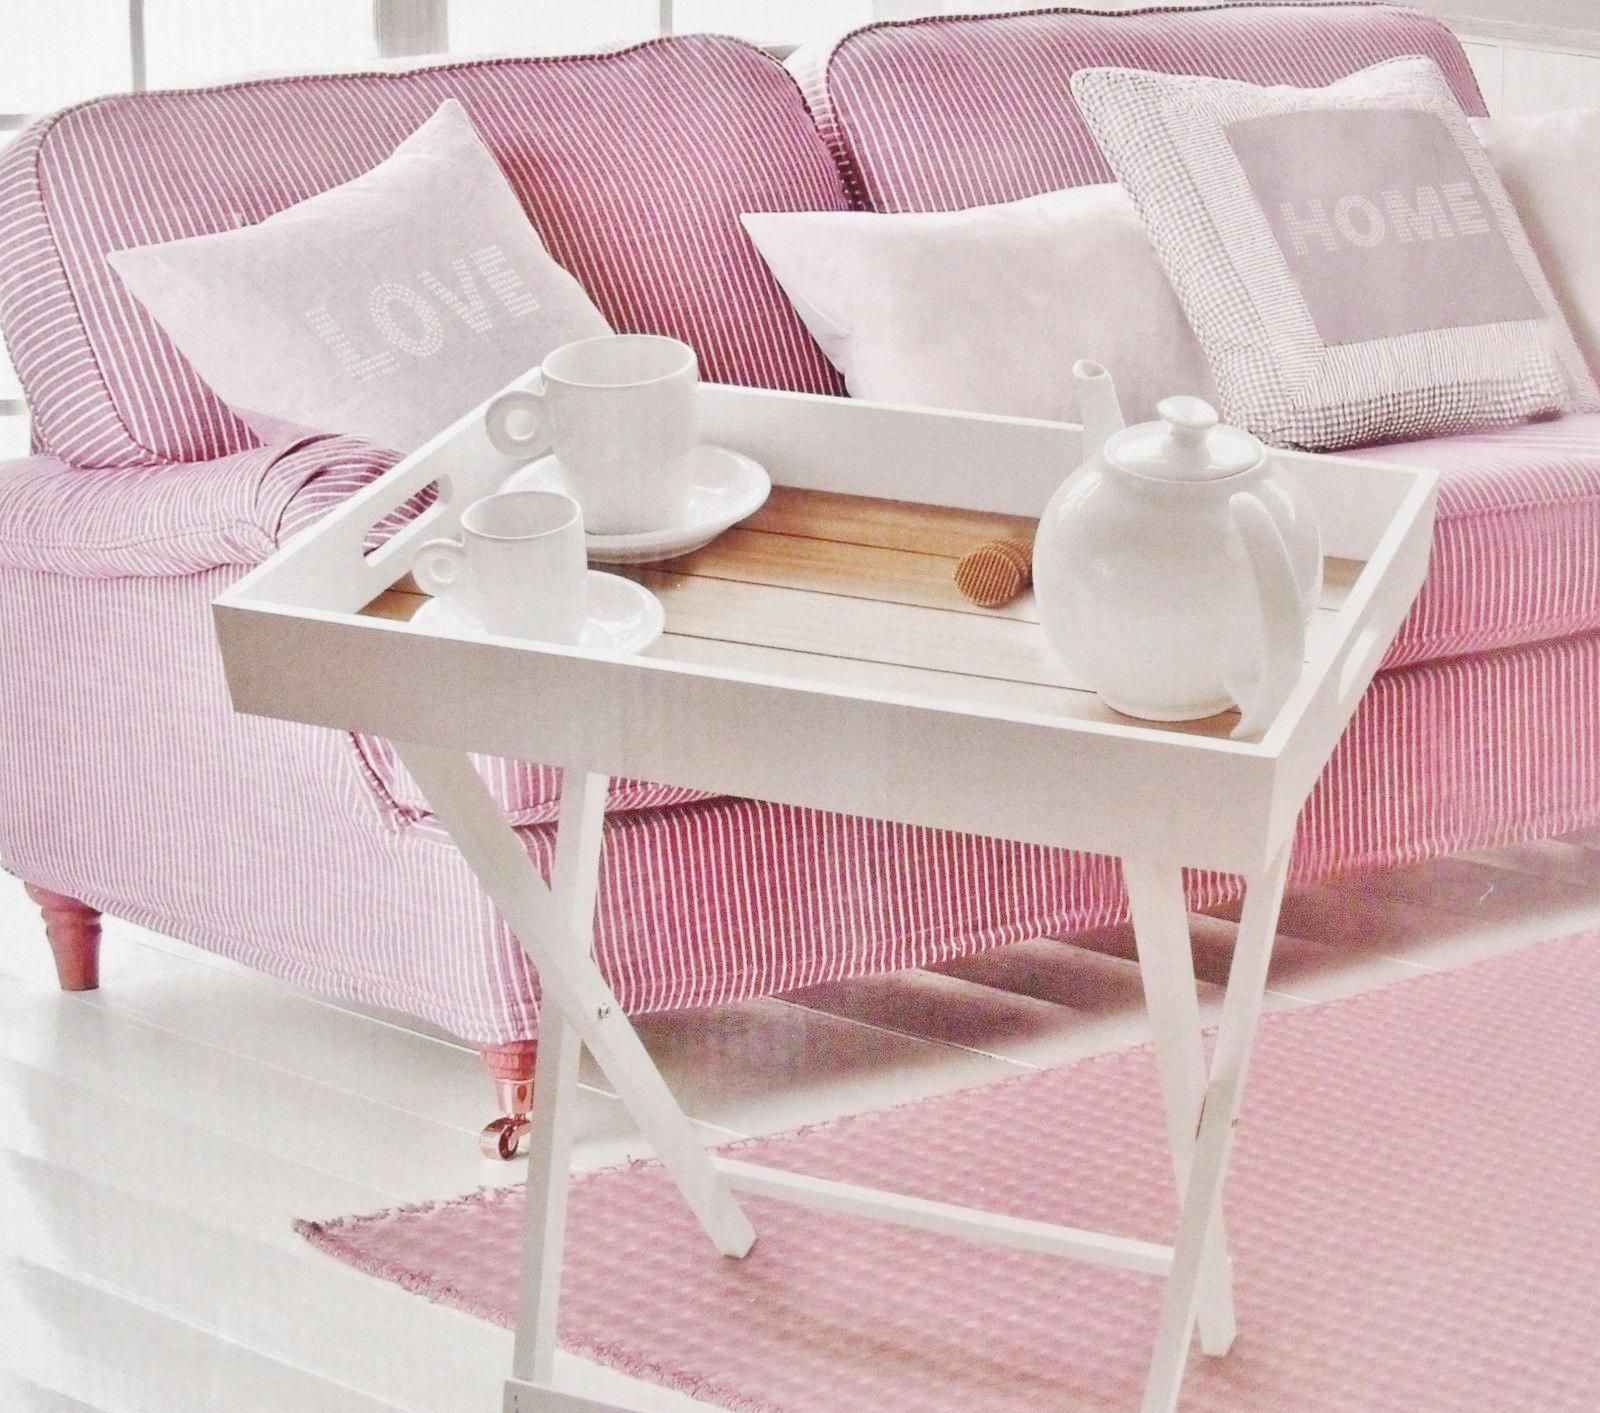 tablett tisch klapptisch holz serviertisch butlers tray beistelltisch klappbar ebay. Black Bedroom Furniture Sets. Home Design Ideas